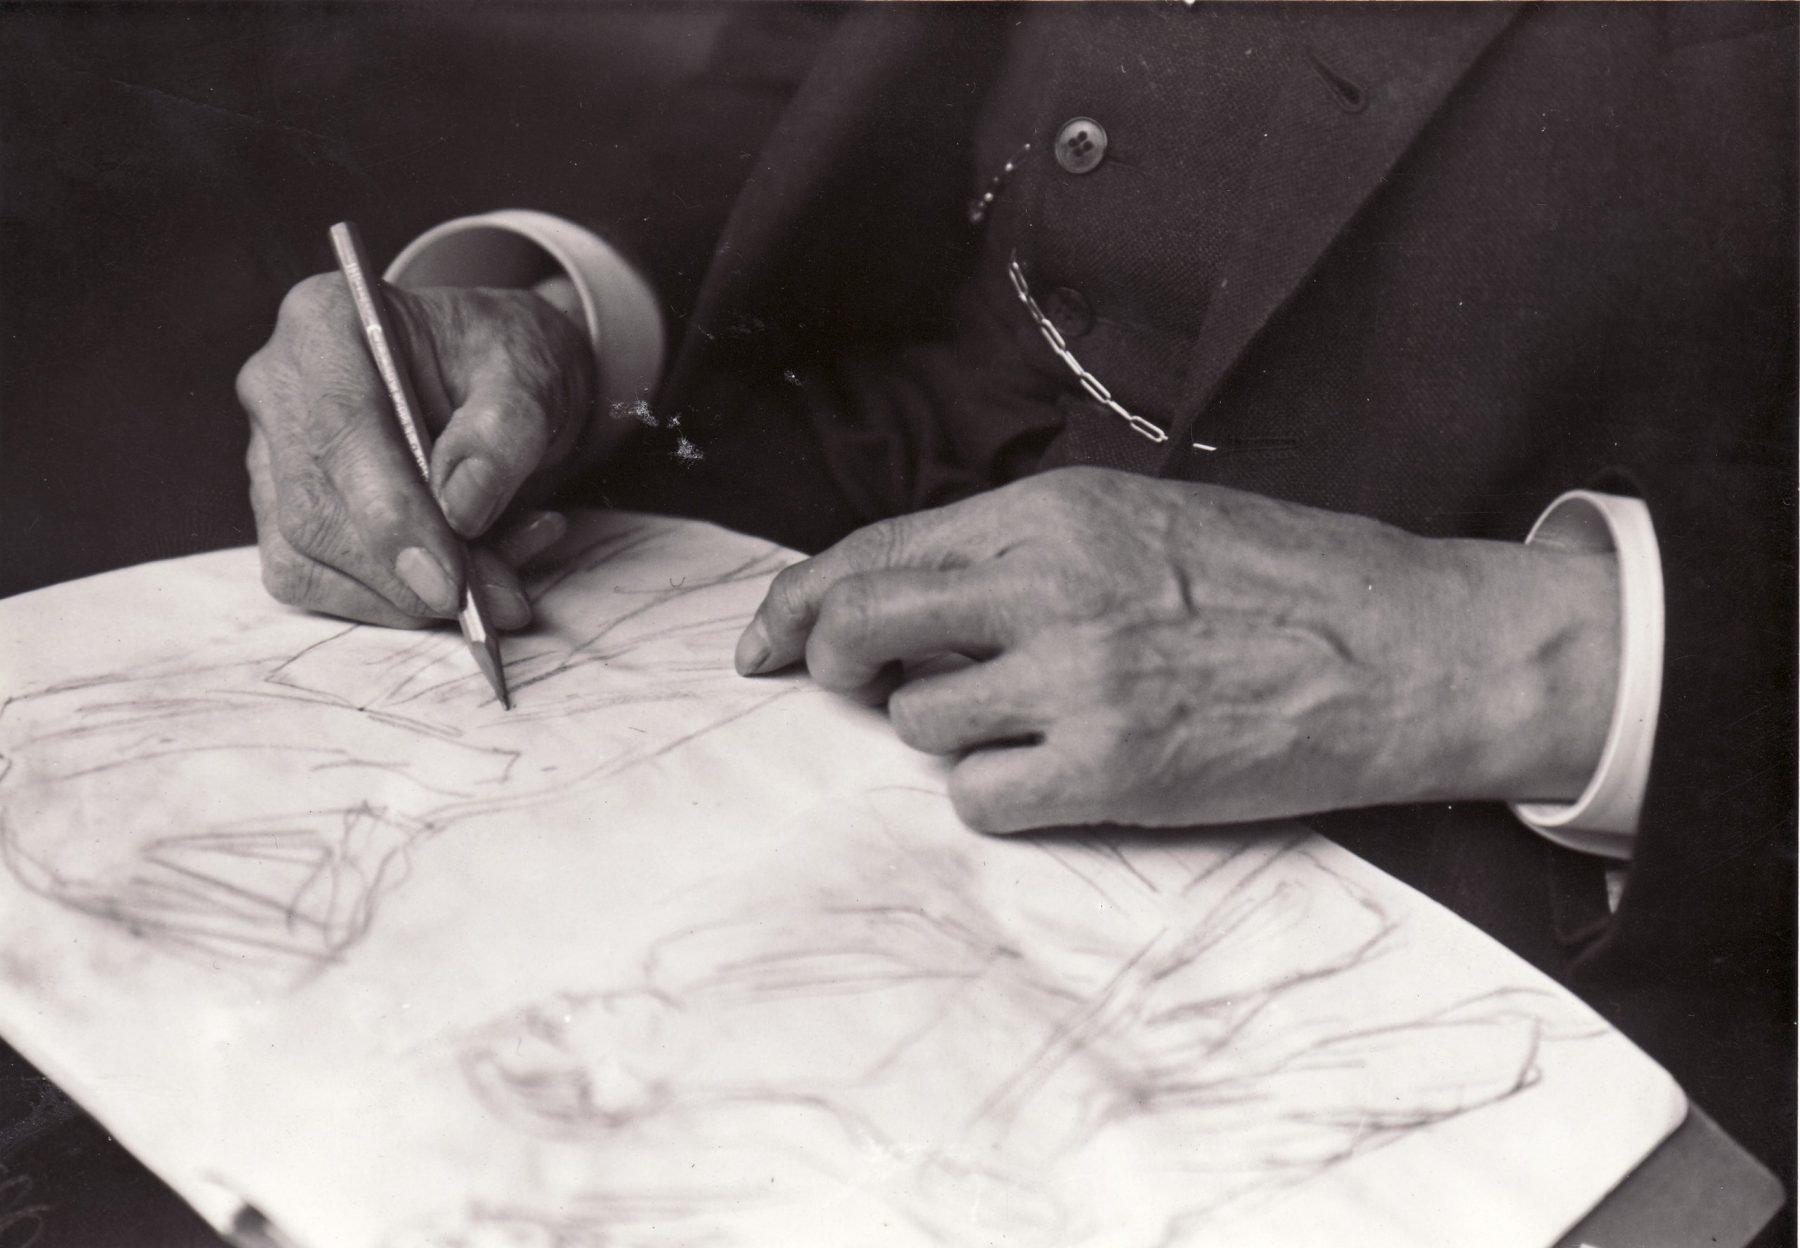 Max Liebermann zeichnet auf einem Blatt Papier. Der Fotoausschnitt zeigt nur seine Hände, in der rechten hält er einen Stift.